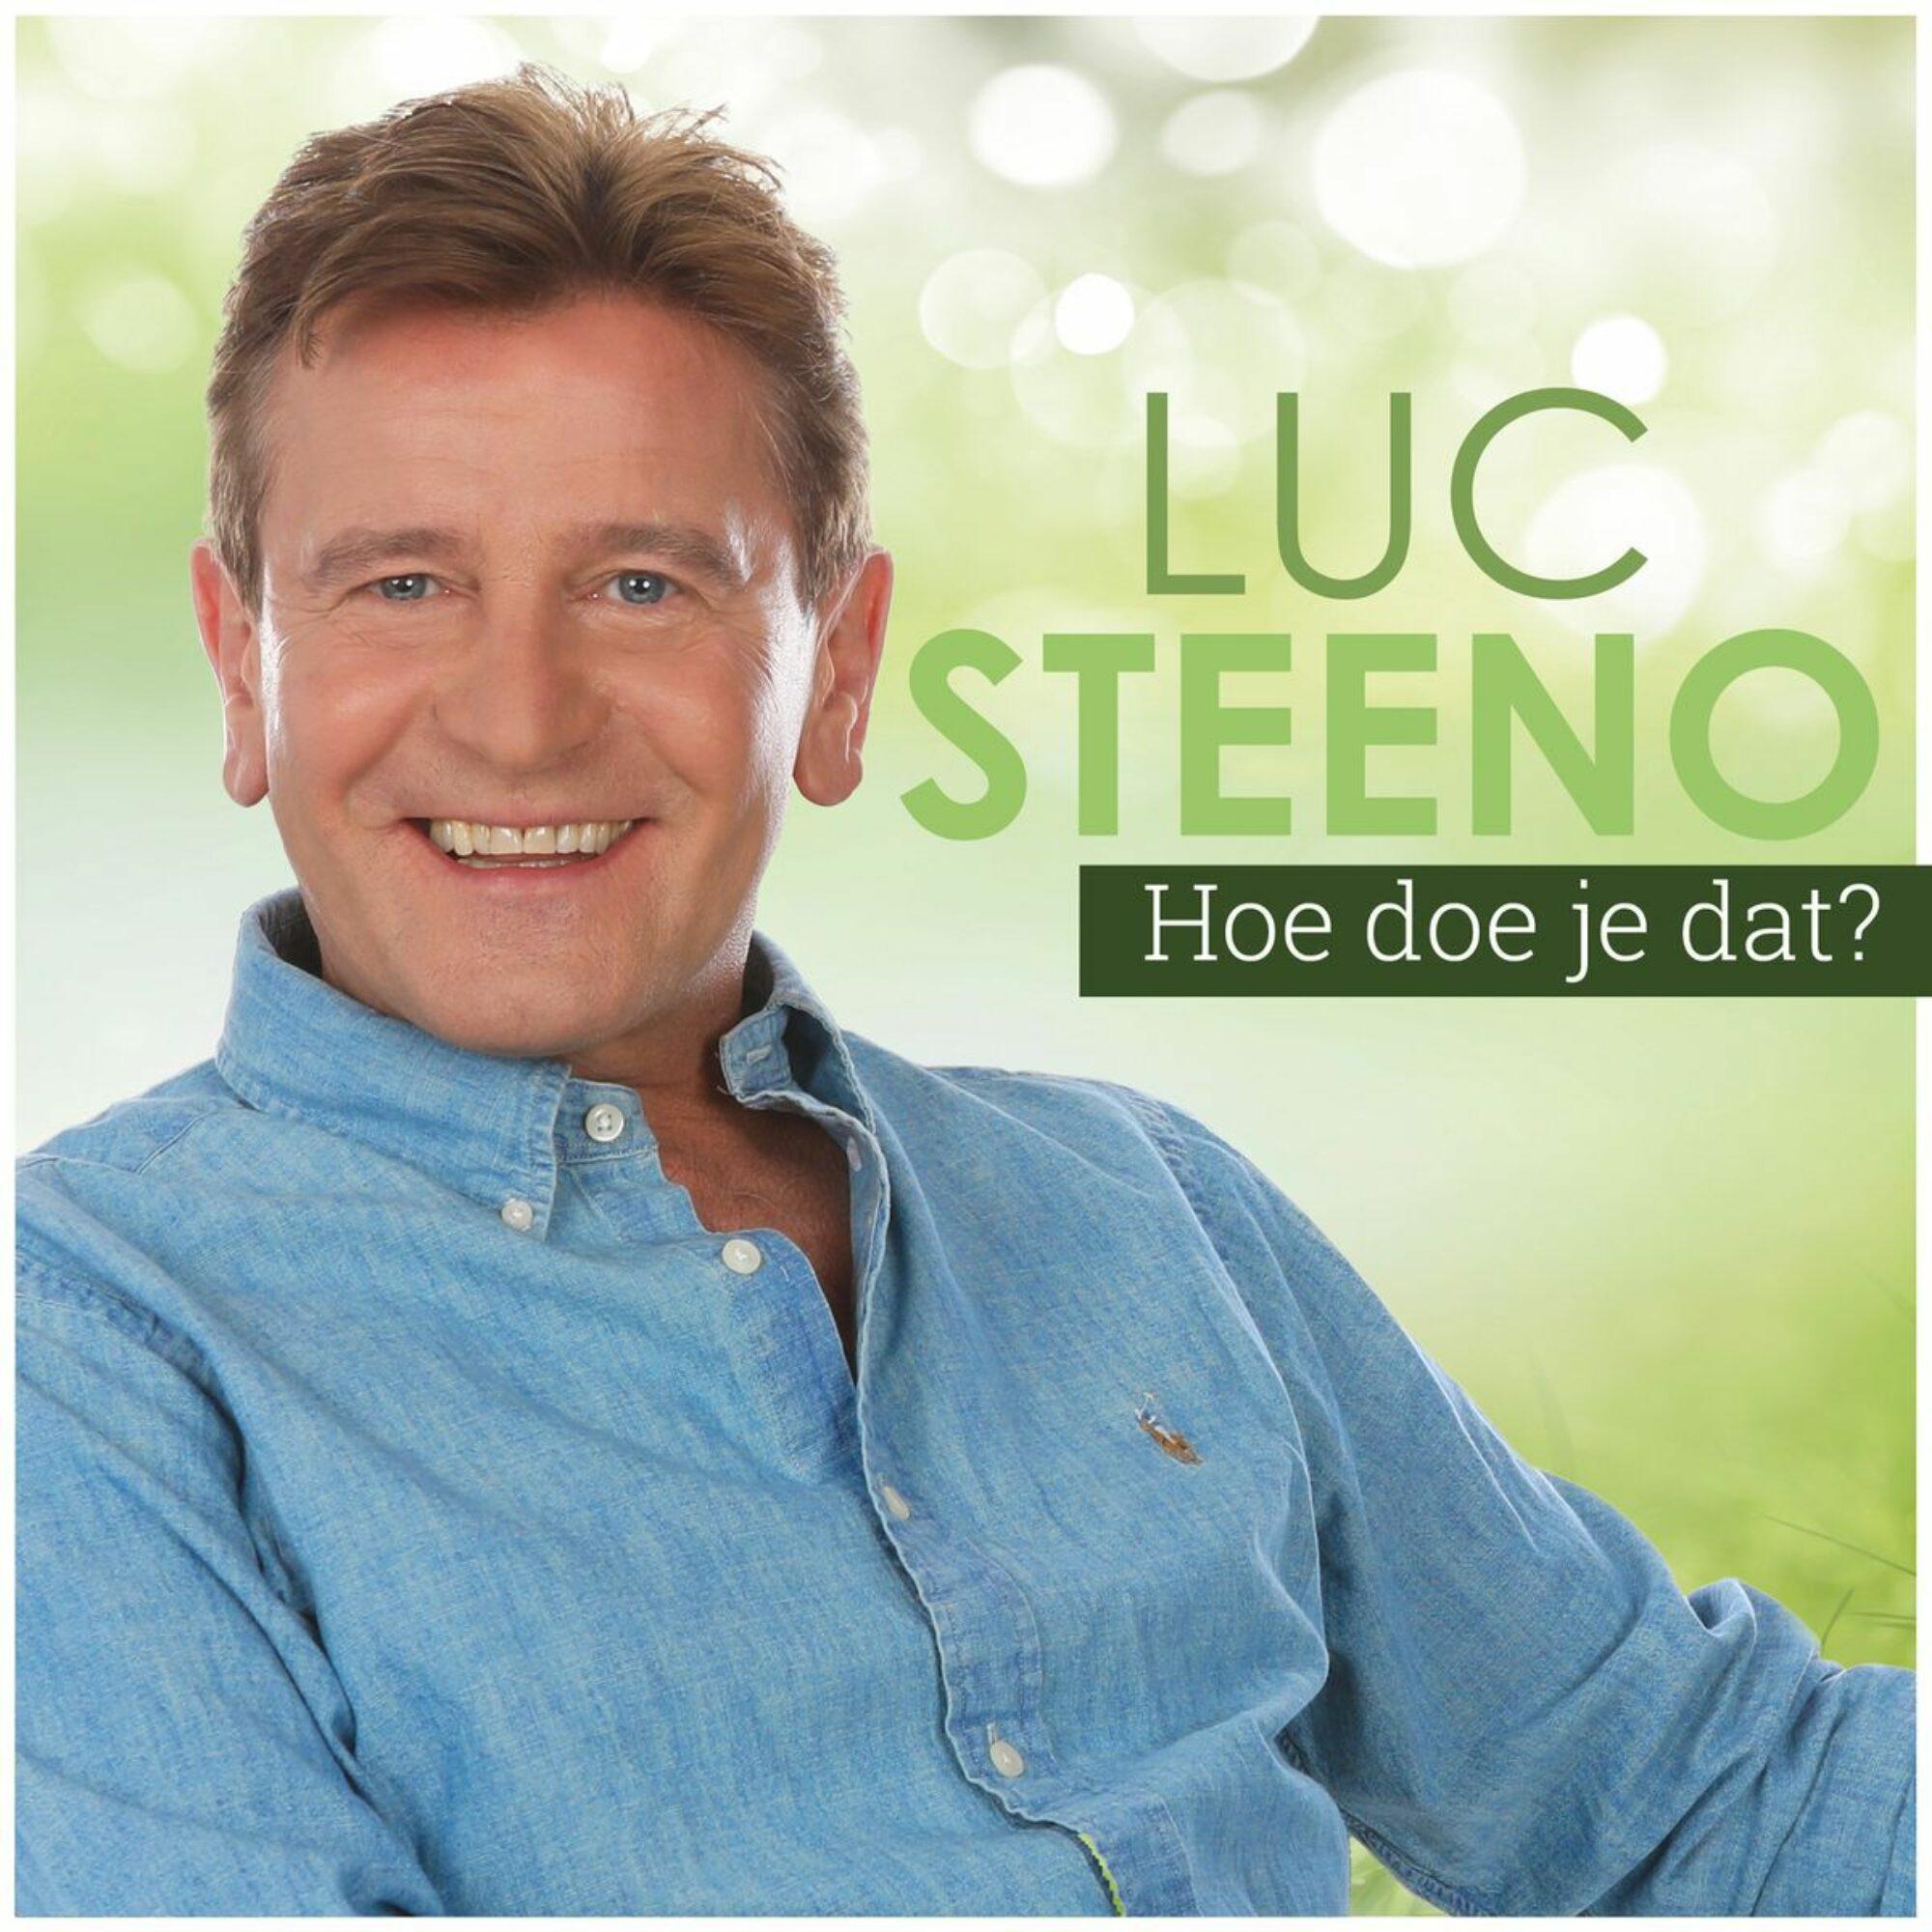 Luc Steeno Hoe Doe Je Dat S